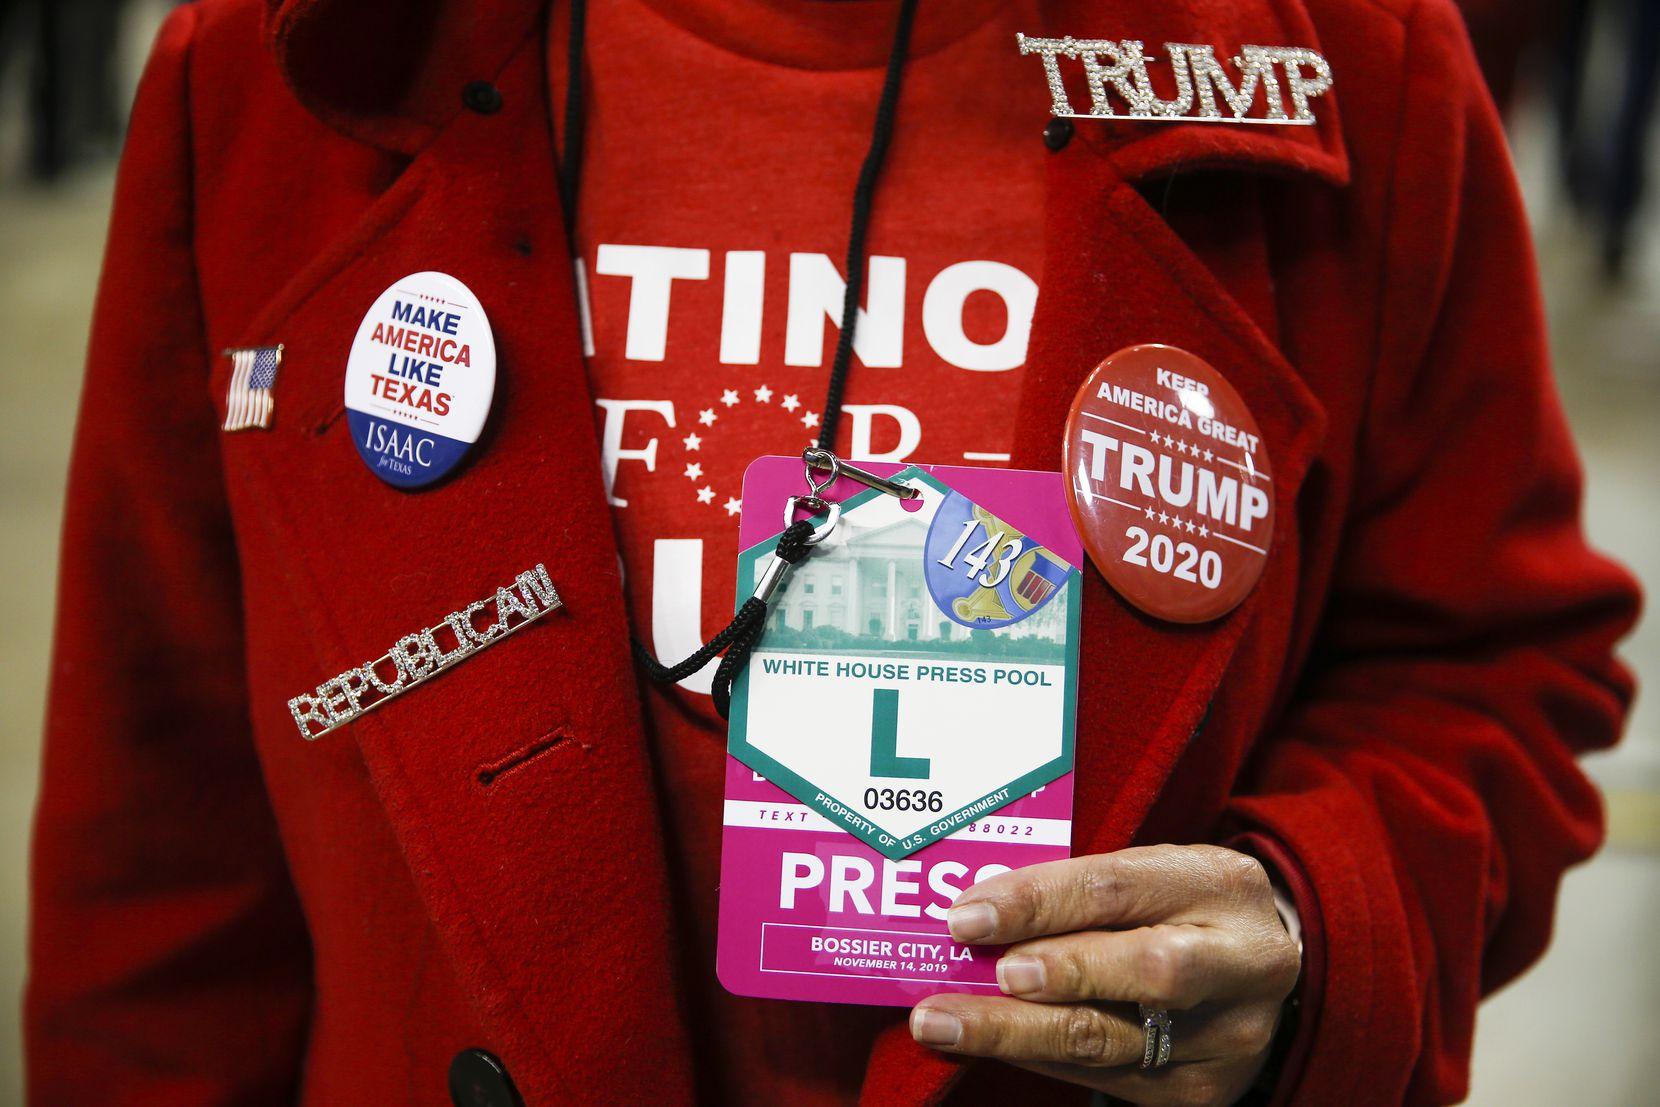 Martha Doss a arboré une accréditation de presse officielle de la Maison Blanche lors d'un rassemblement pour réélire le président Donald Trump à Bossier City, en Louisiane, le 14 novembre 2019. Doss a été envoyé par l'Assemblée nationale républicaine hispanique pour créer du contenu sur les réseaux sociaux.